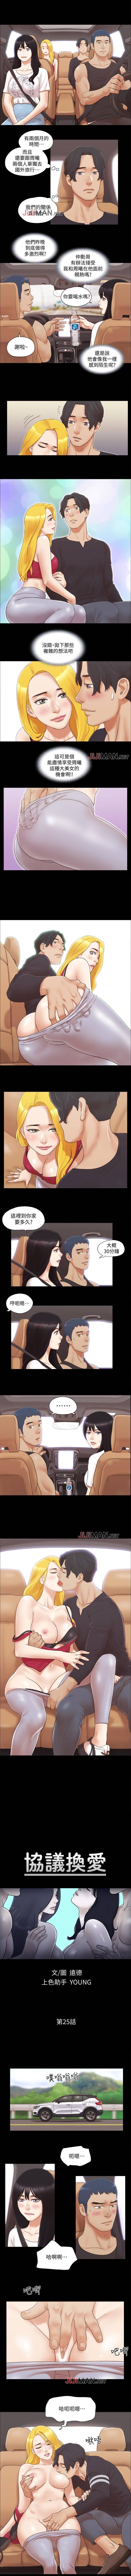 【周五连载】协议换爱(作者:遠德) 第1~57话 105